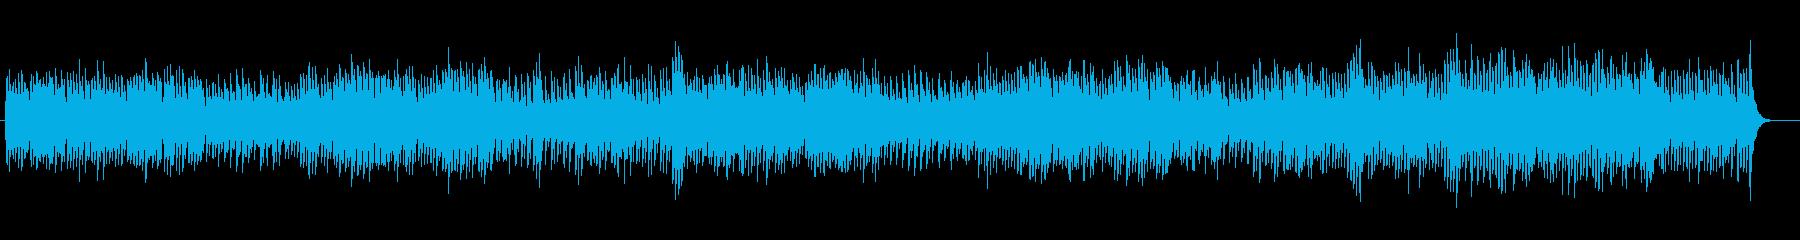 スローテンポのストリングスポップスの再生済みの波形